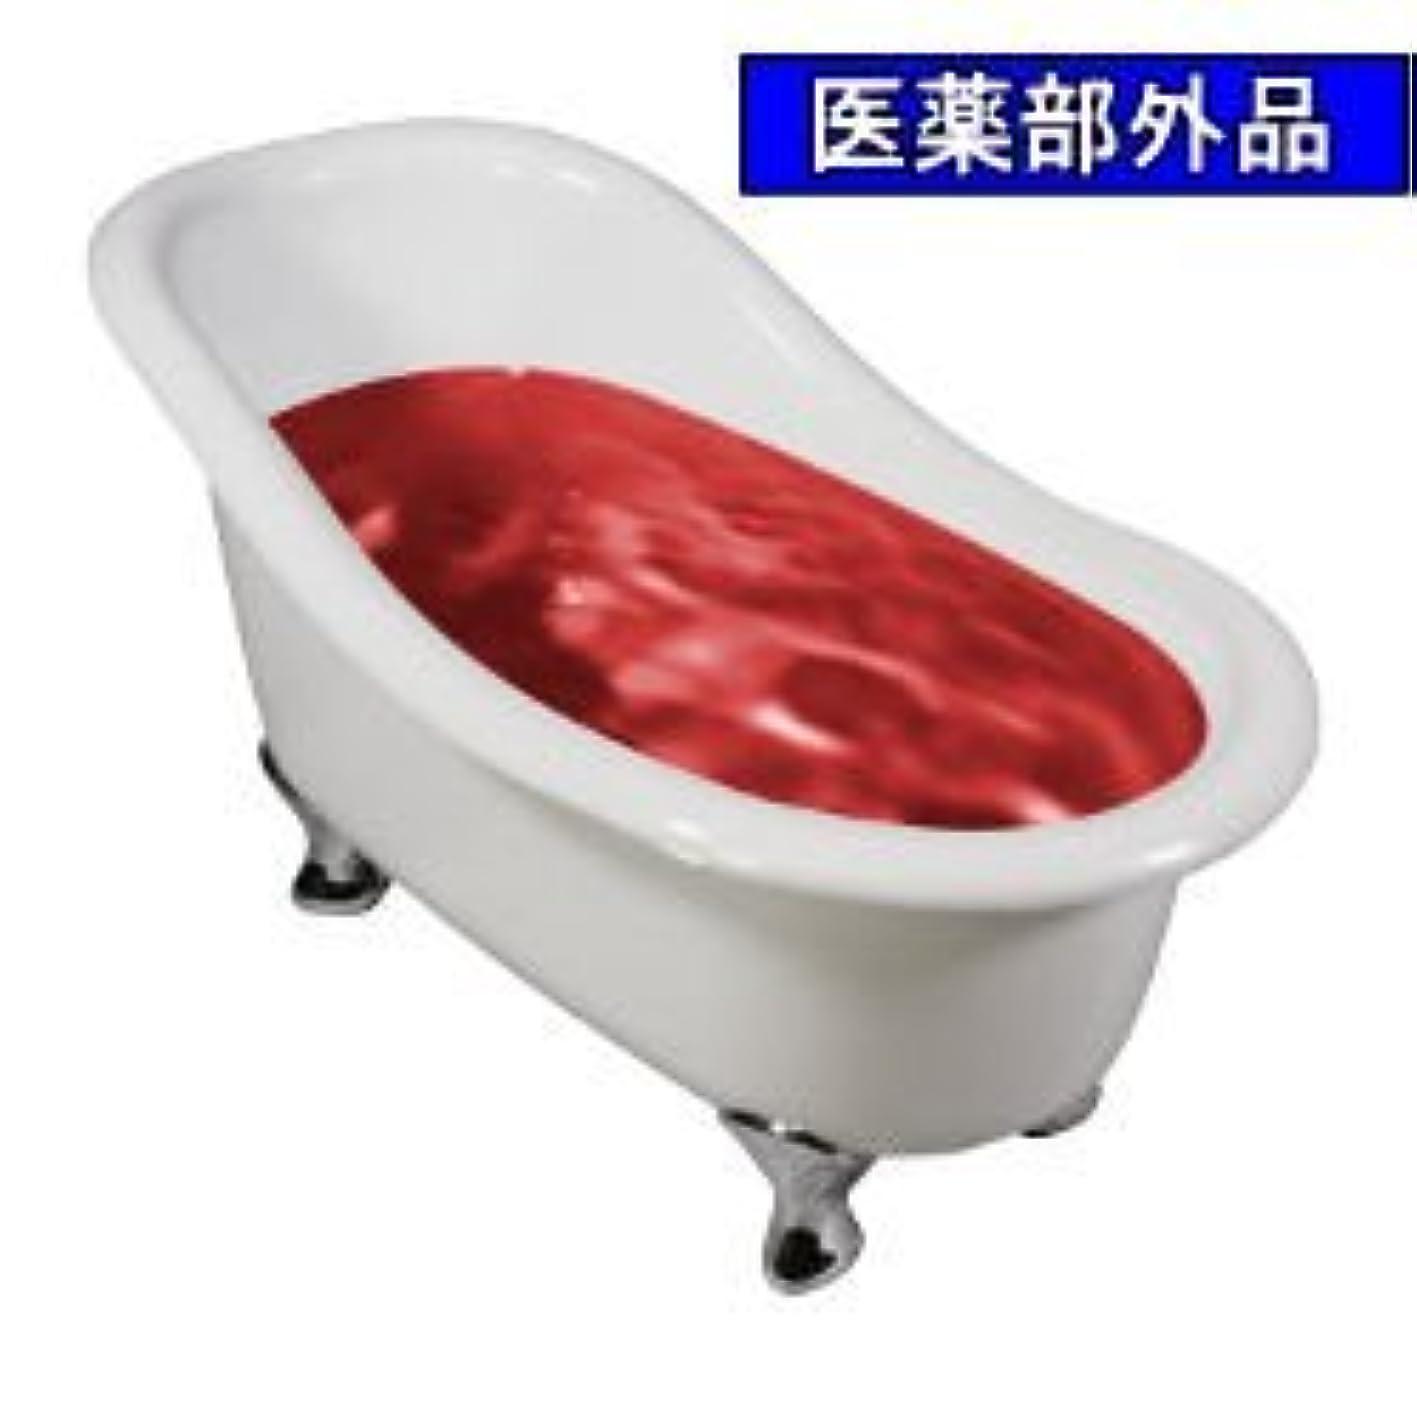 幹古風な憂慮すべき業務用薬用入浴剤バスフレンド 生薬 17kg 医薬部外品